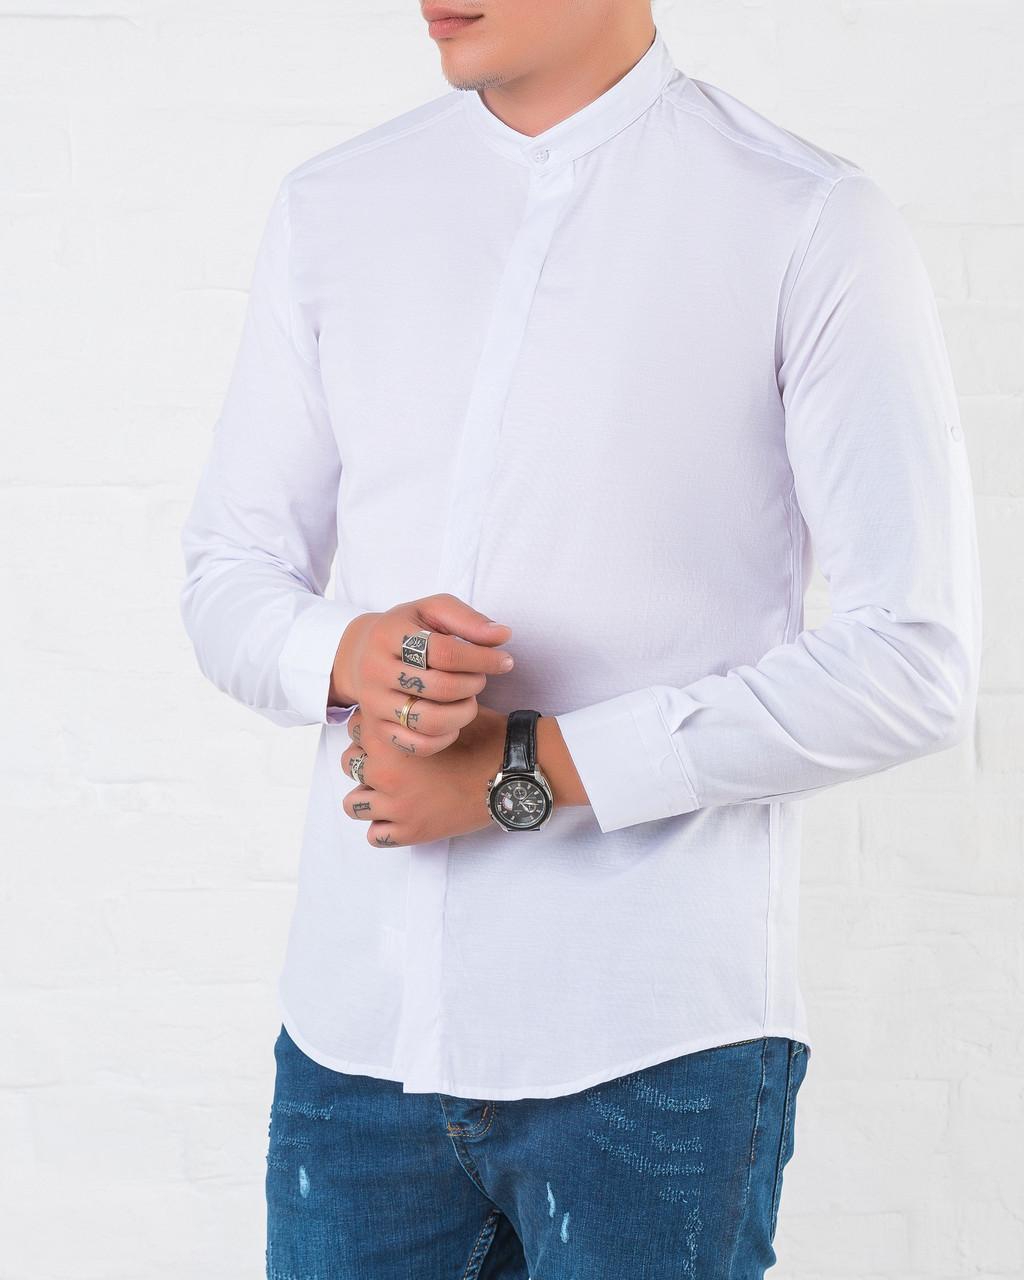 f74471a7c50 Мужская рубашка Slim Fit с воротником стойкой   продажа